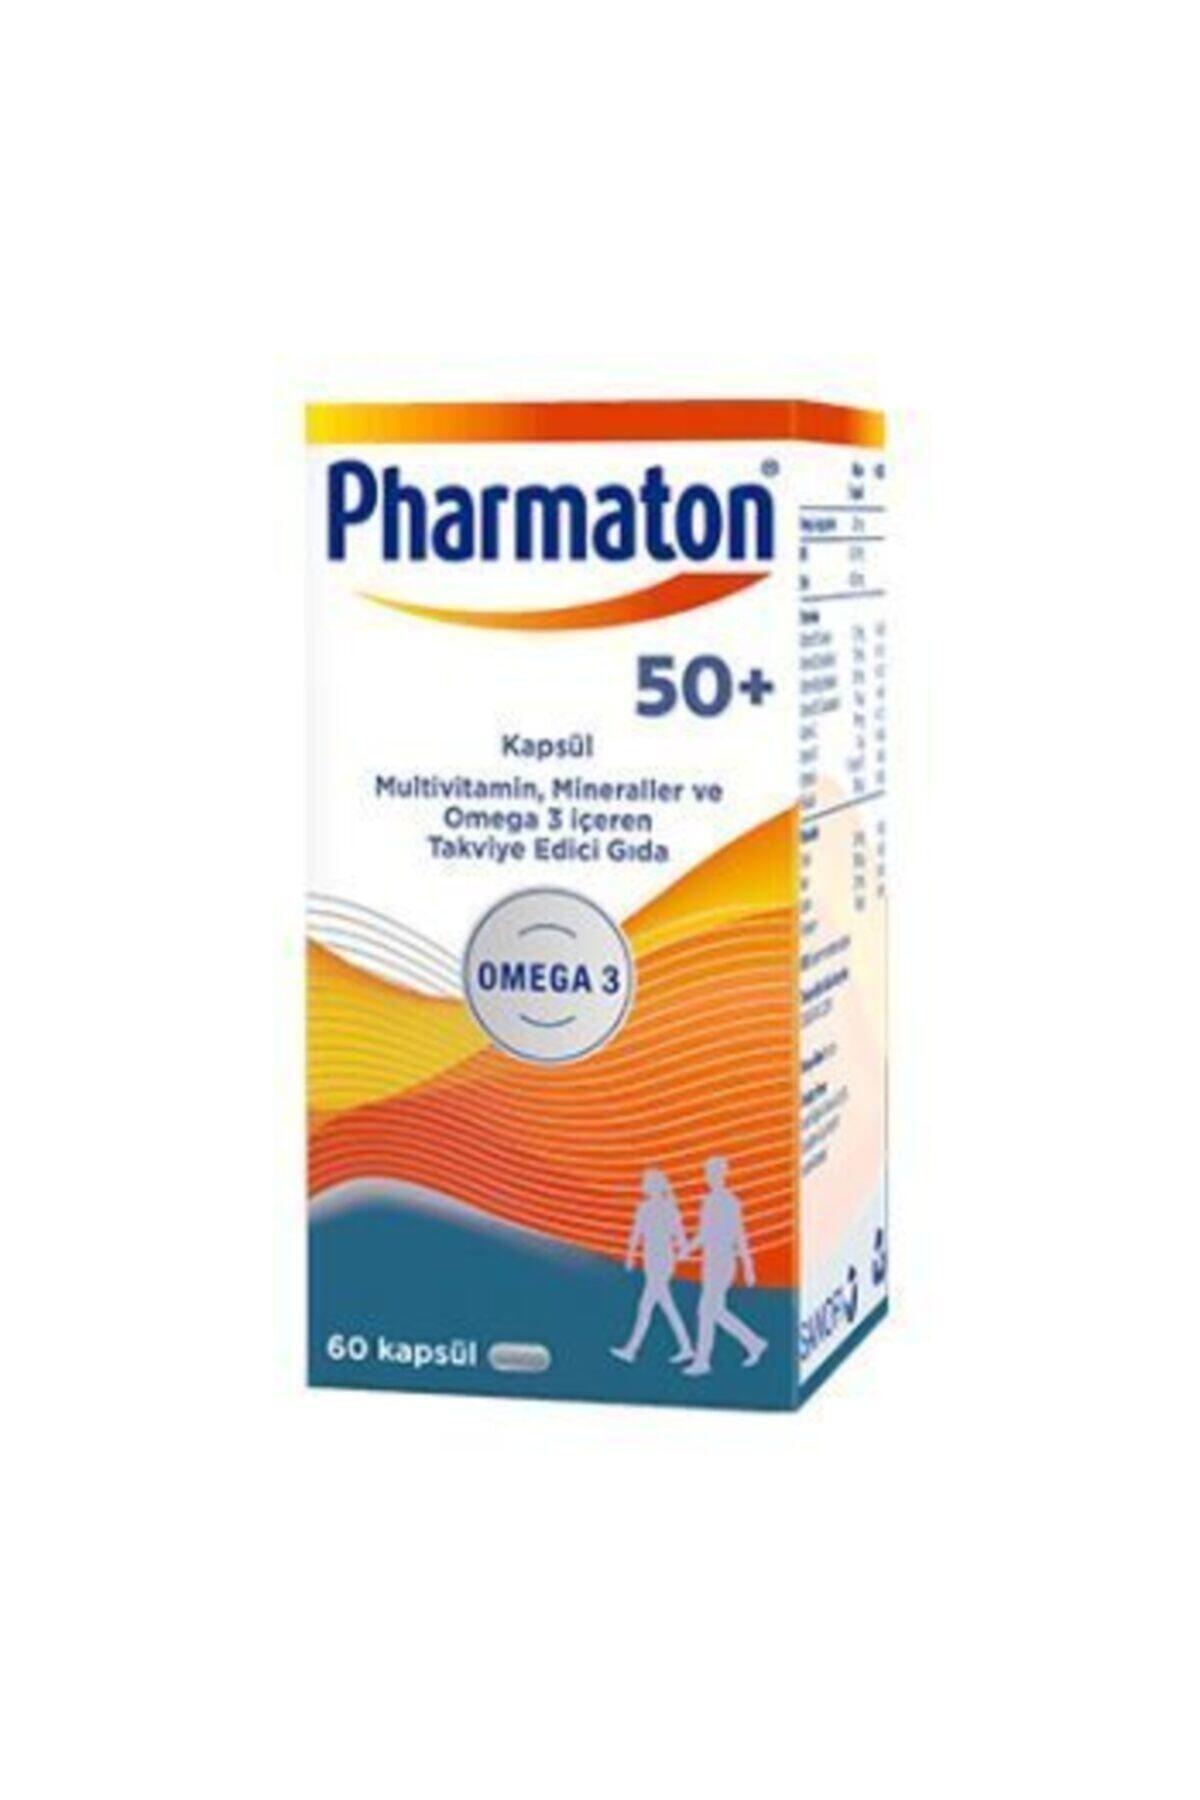 Pharmaton Vitality 50 Plus 60 Kapsül 1